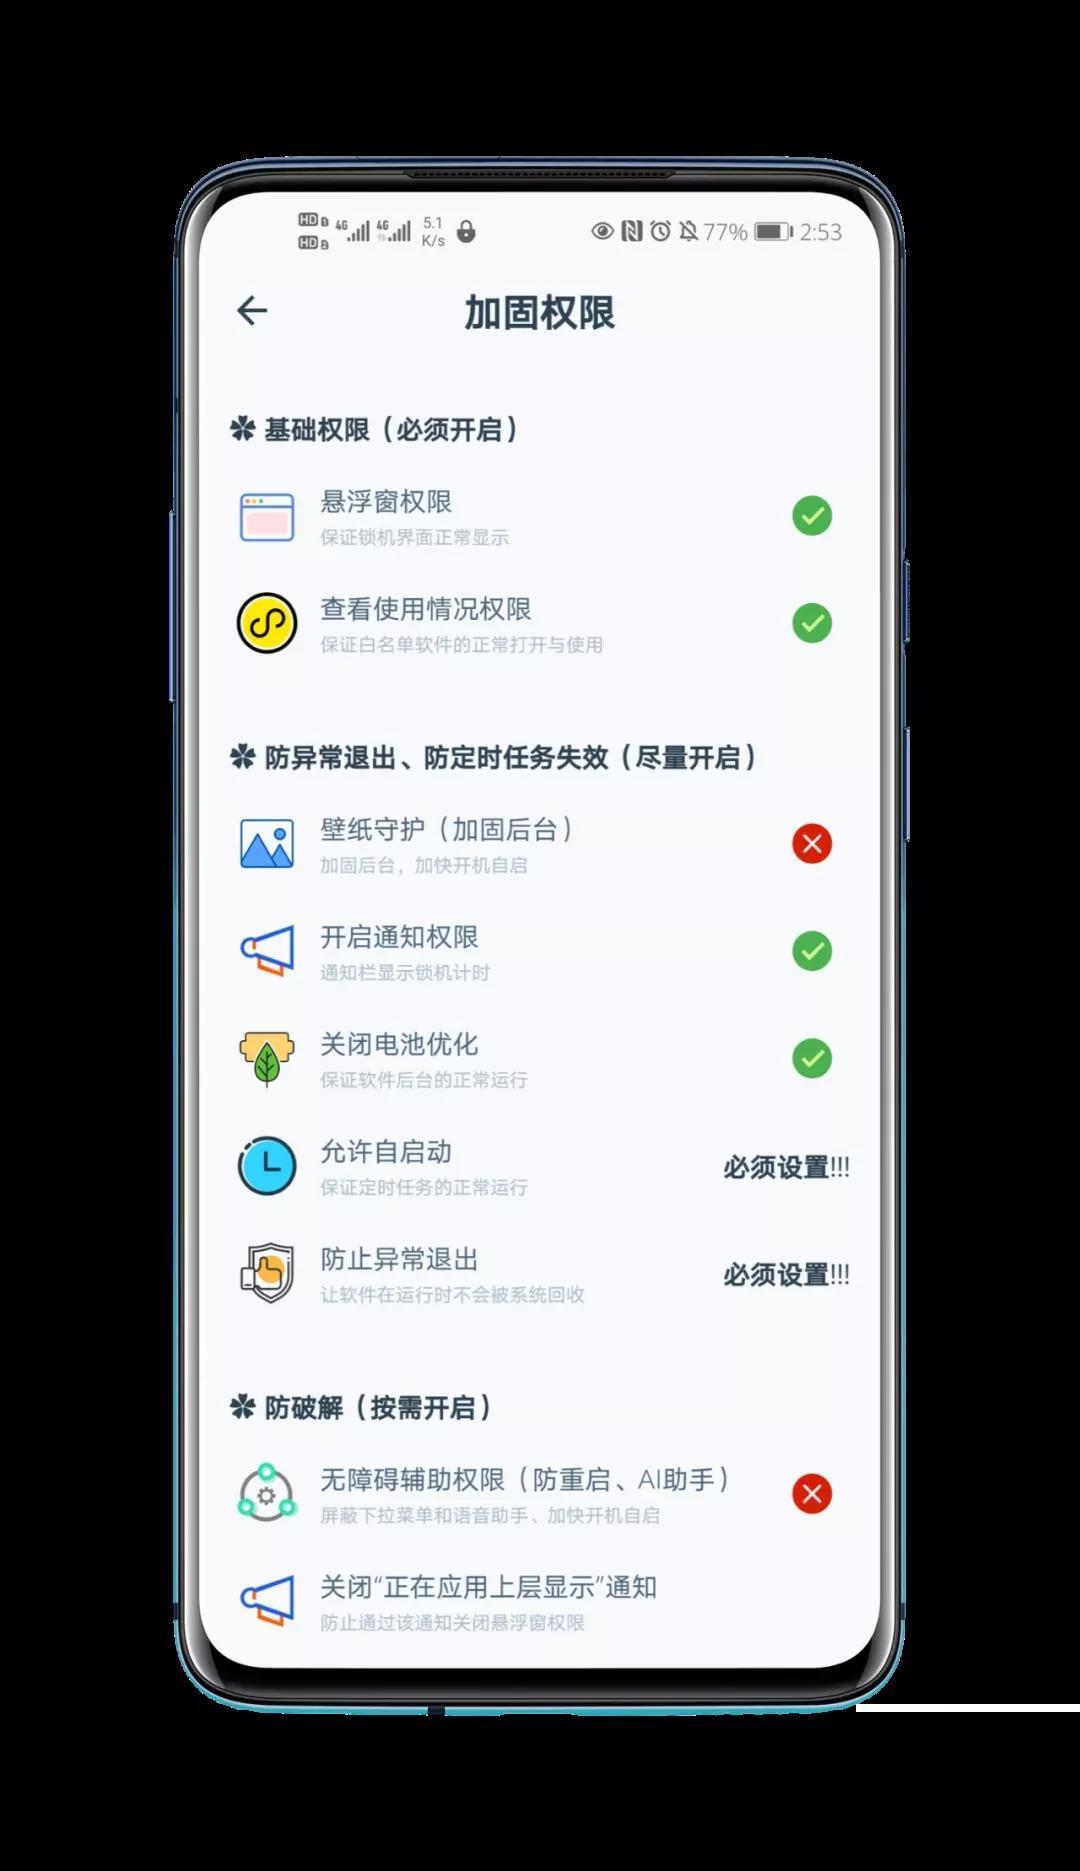 锁机的app--远离手机